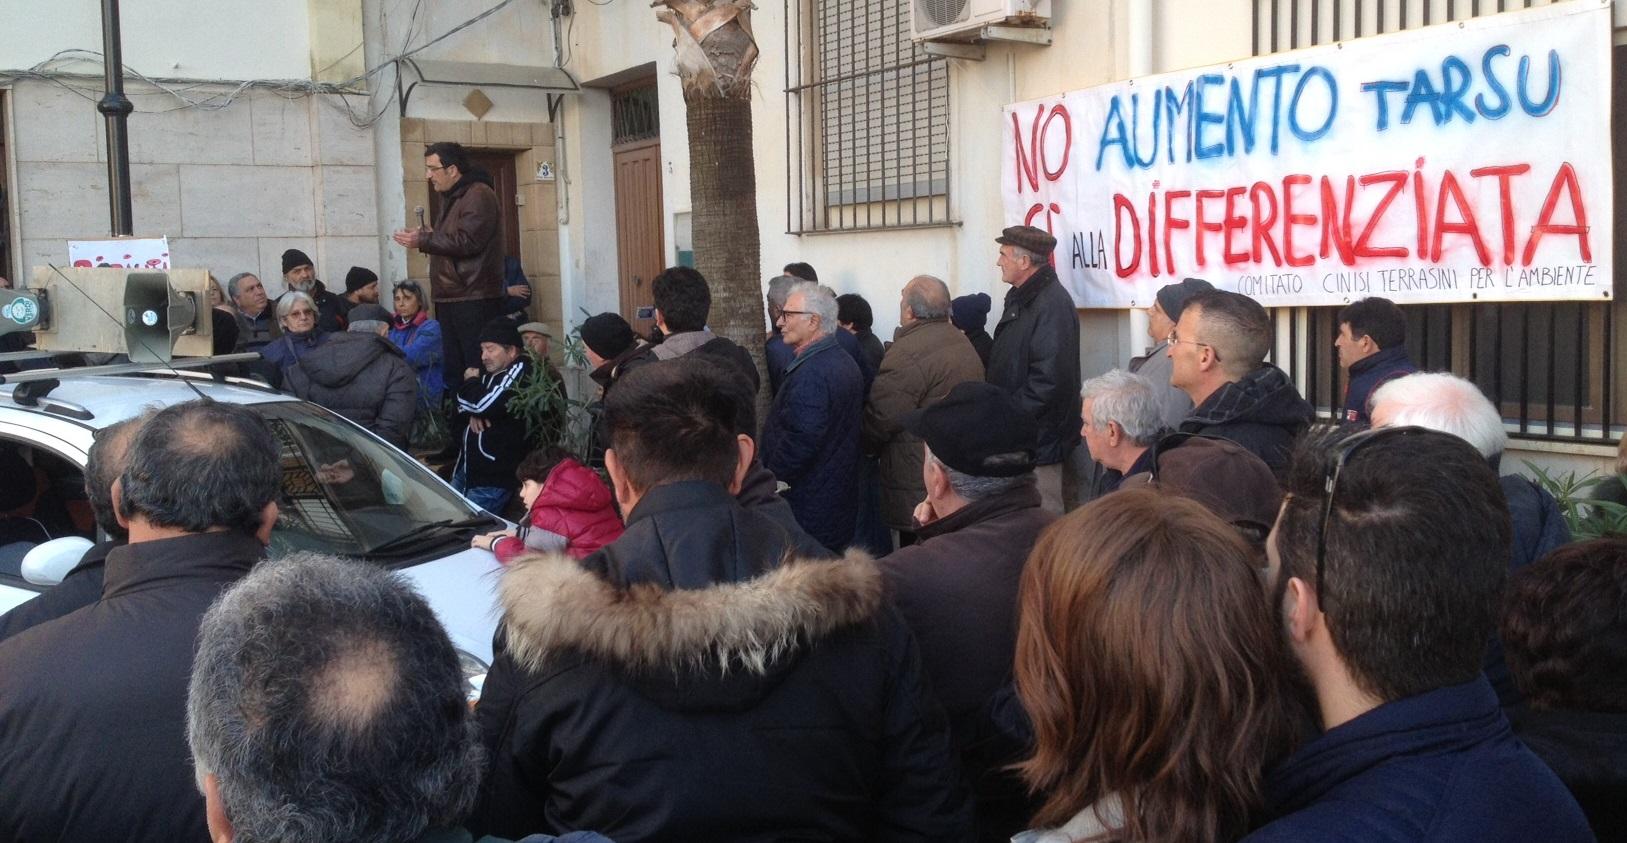 Giugliano, protesta al Municipio contro la TARSU